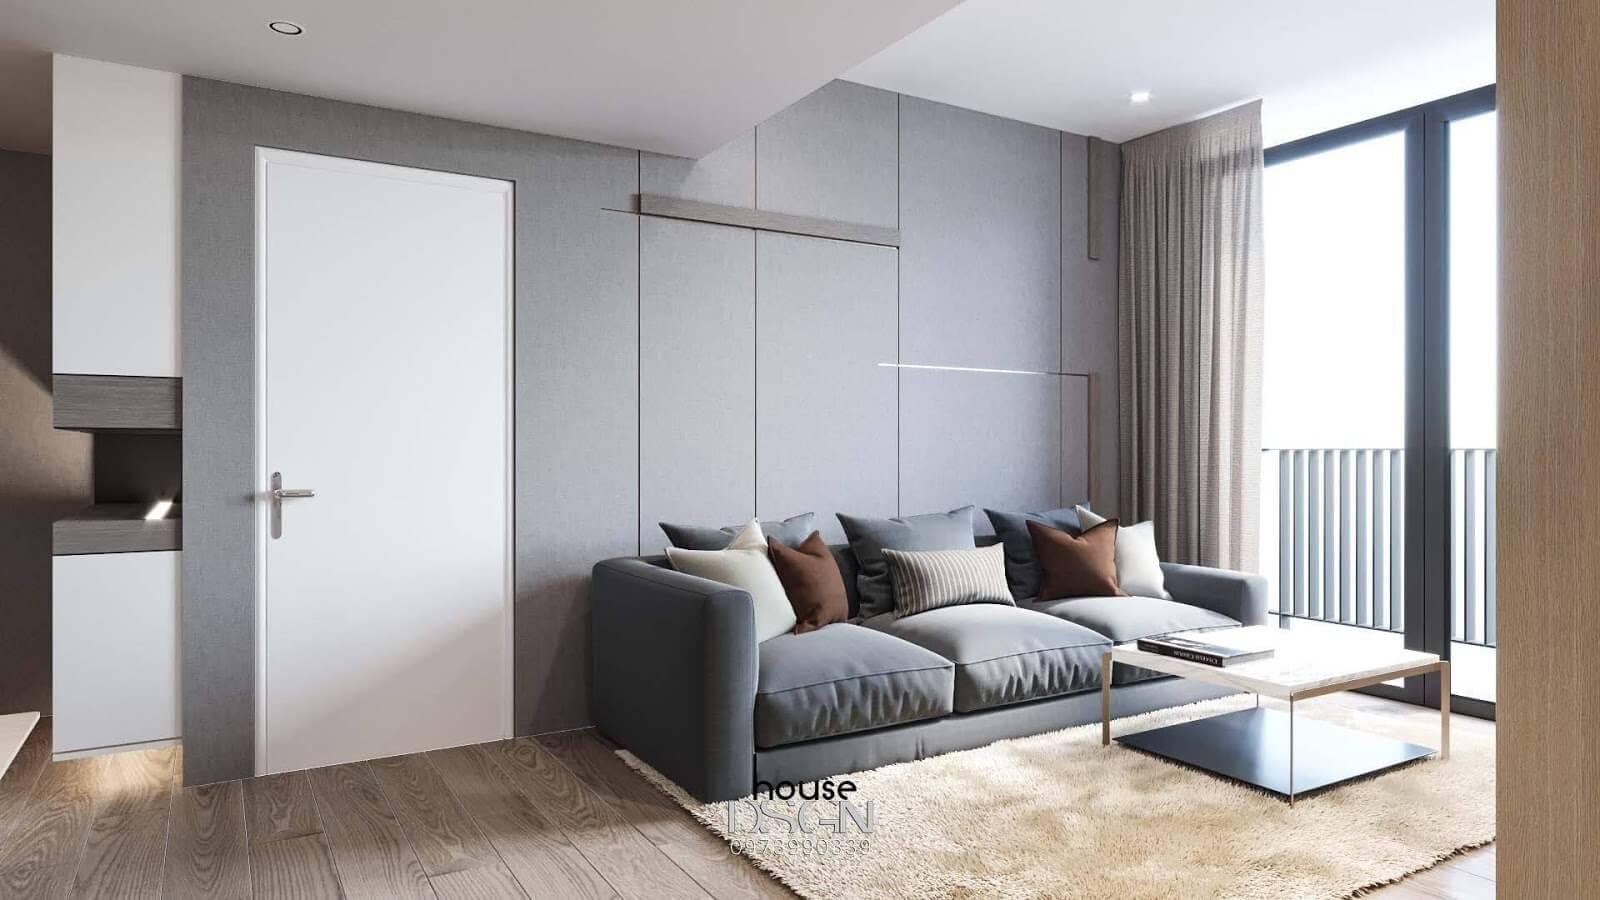 nội thất minimalism trong thiết kế không gian sống